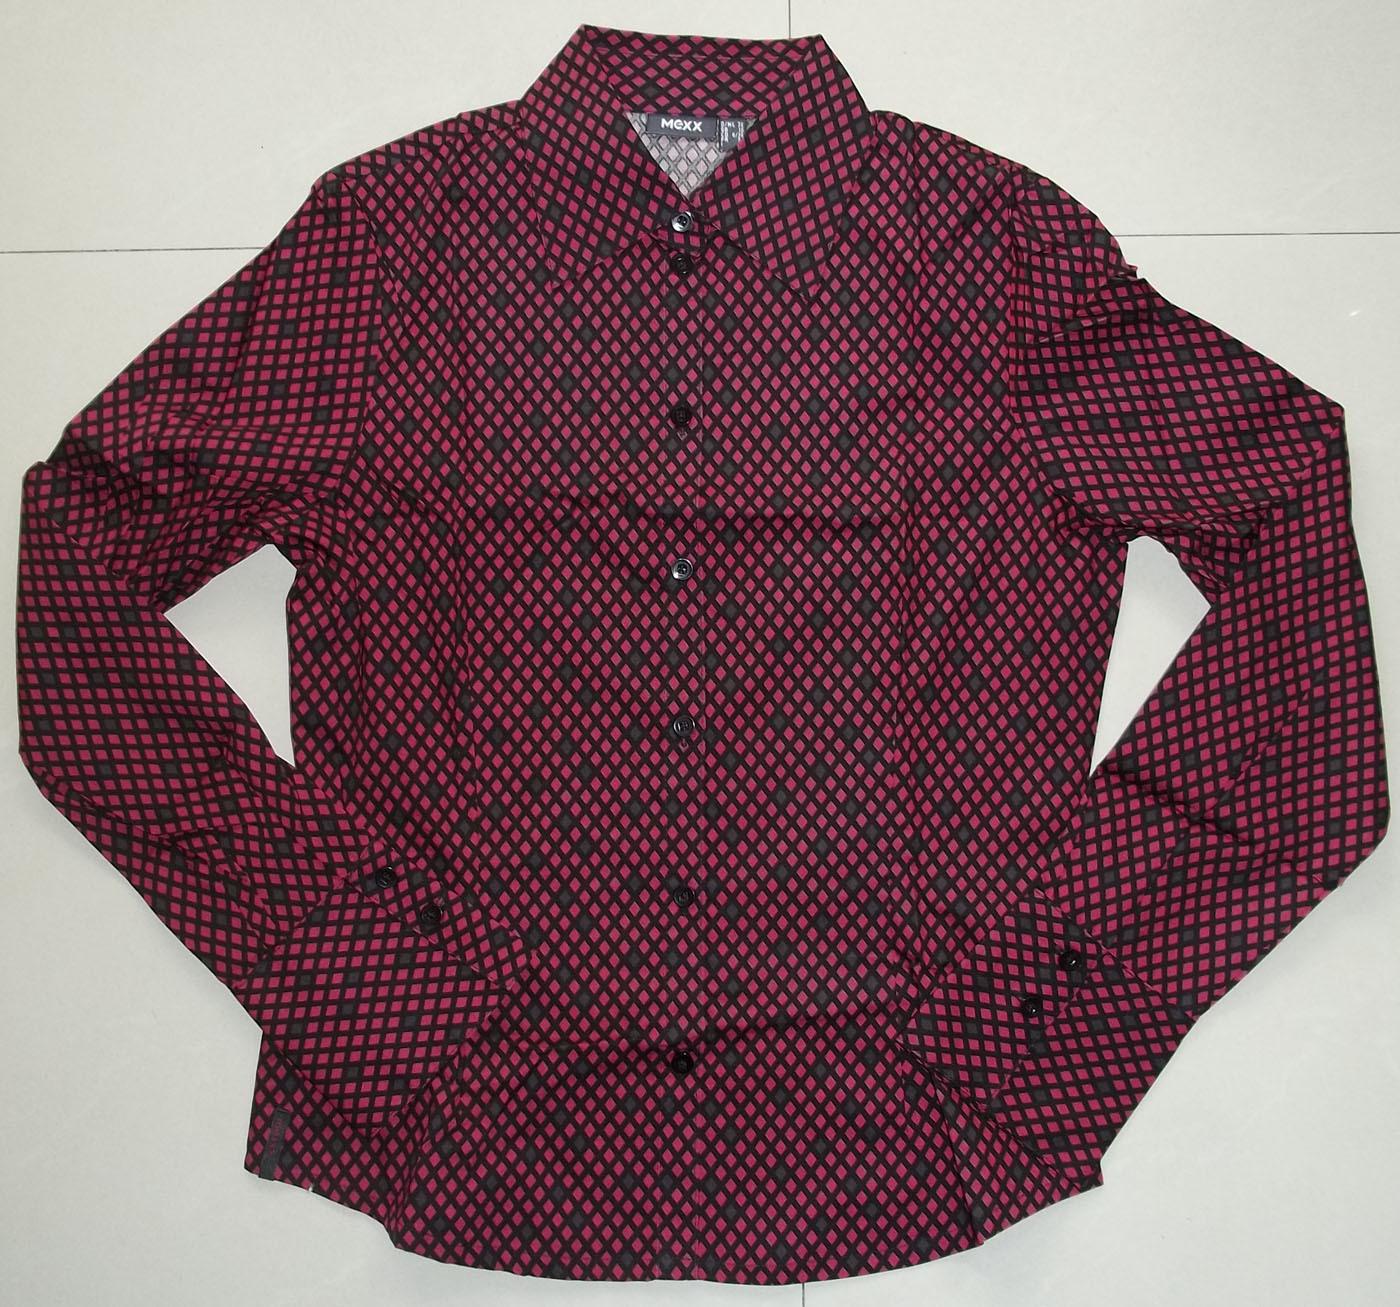 женская рубашка Mexx 100_2864 36 Городской стиль Длинный рукав